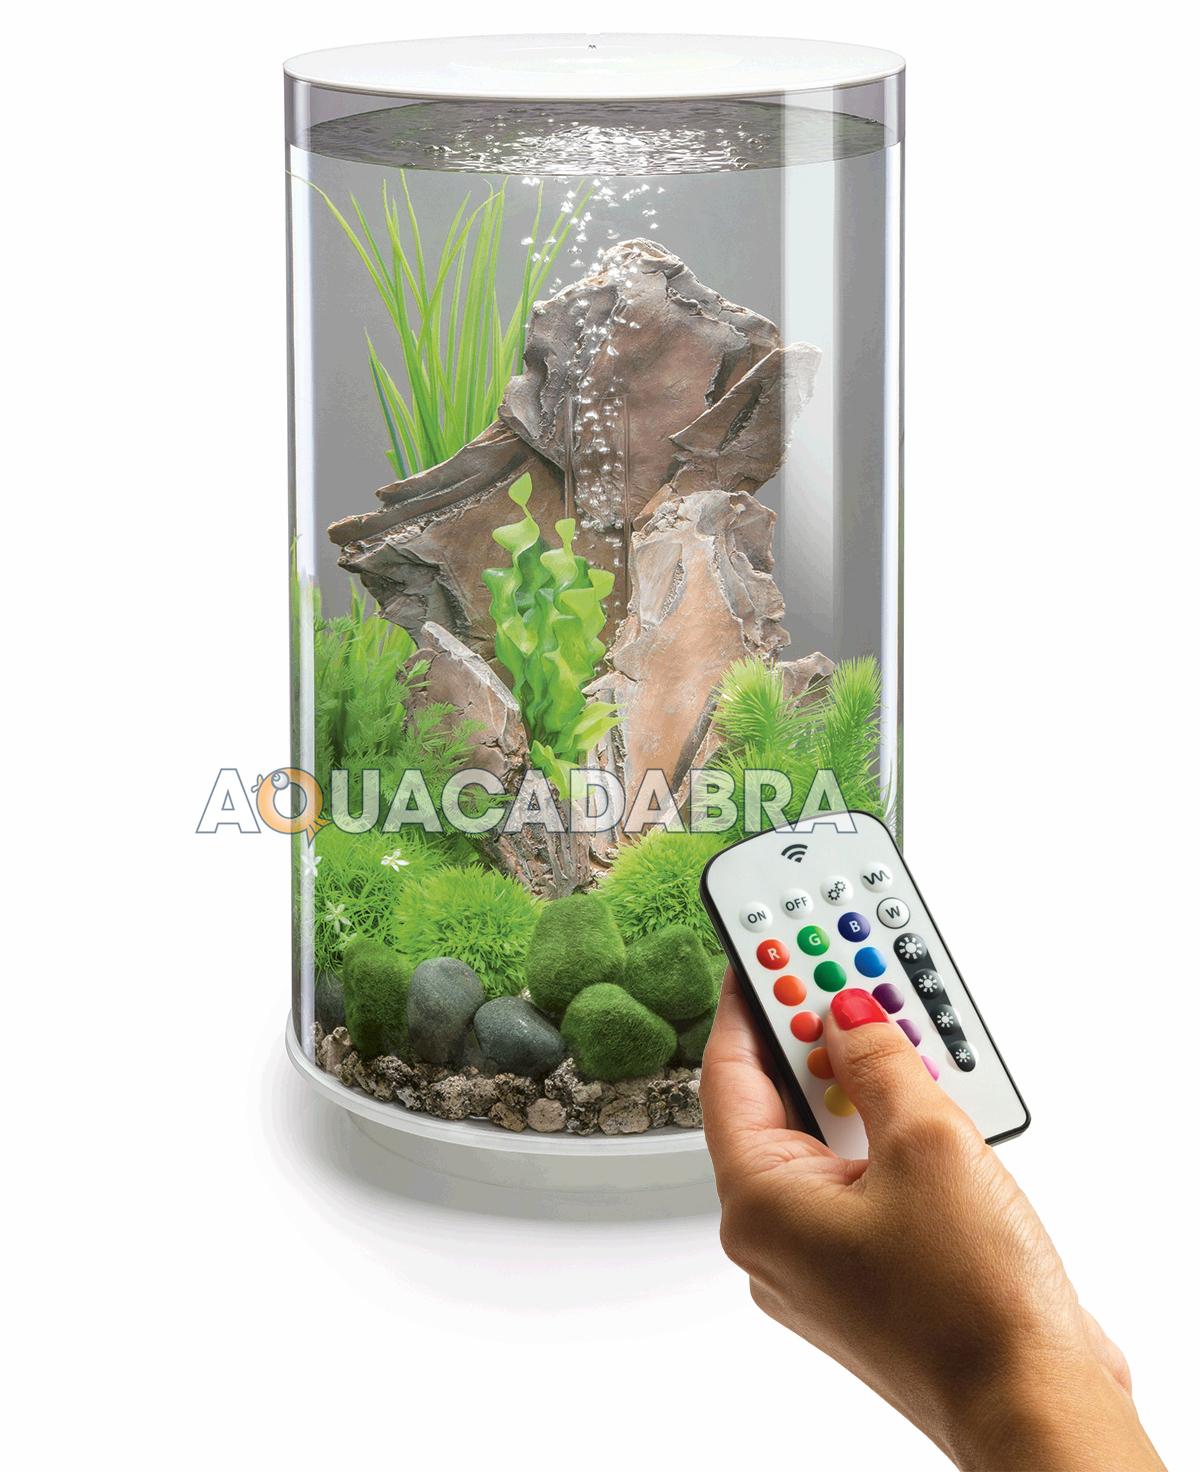 Oase biorb tube aquariums 15l 30l mcr led lighting filter for Fish and aquarium stores